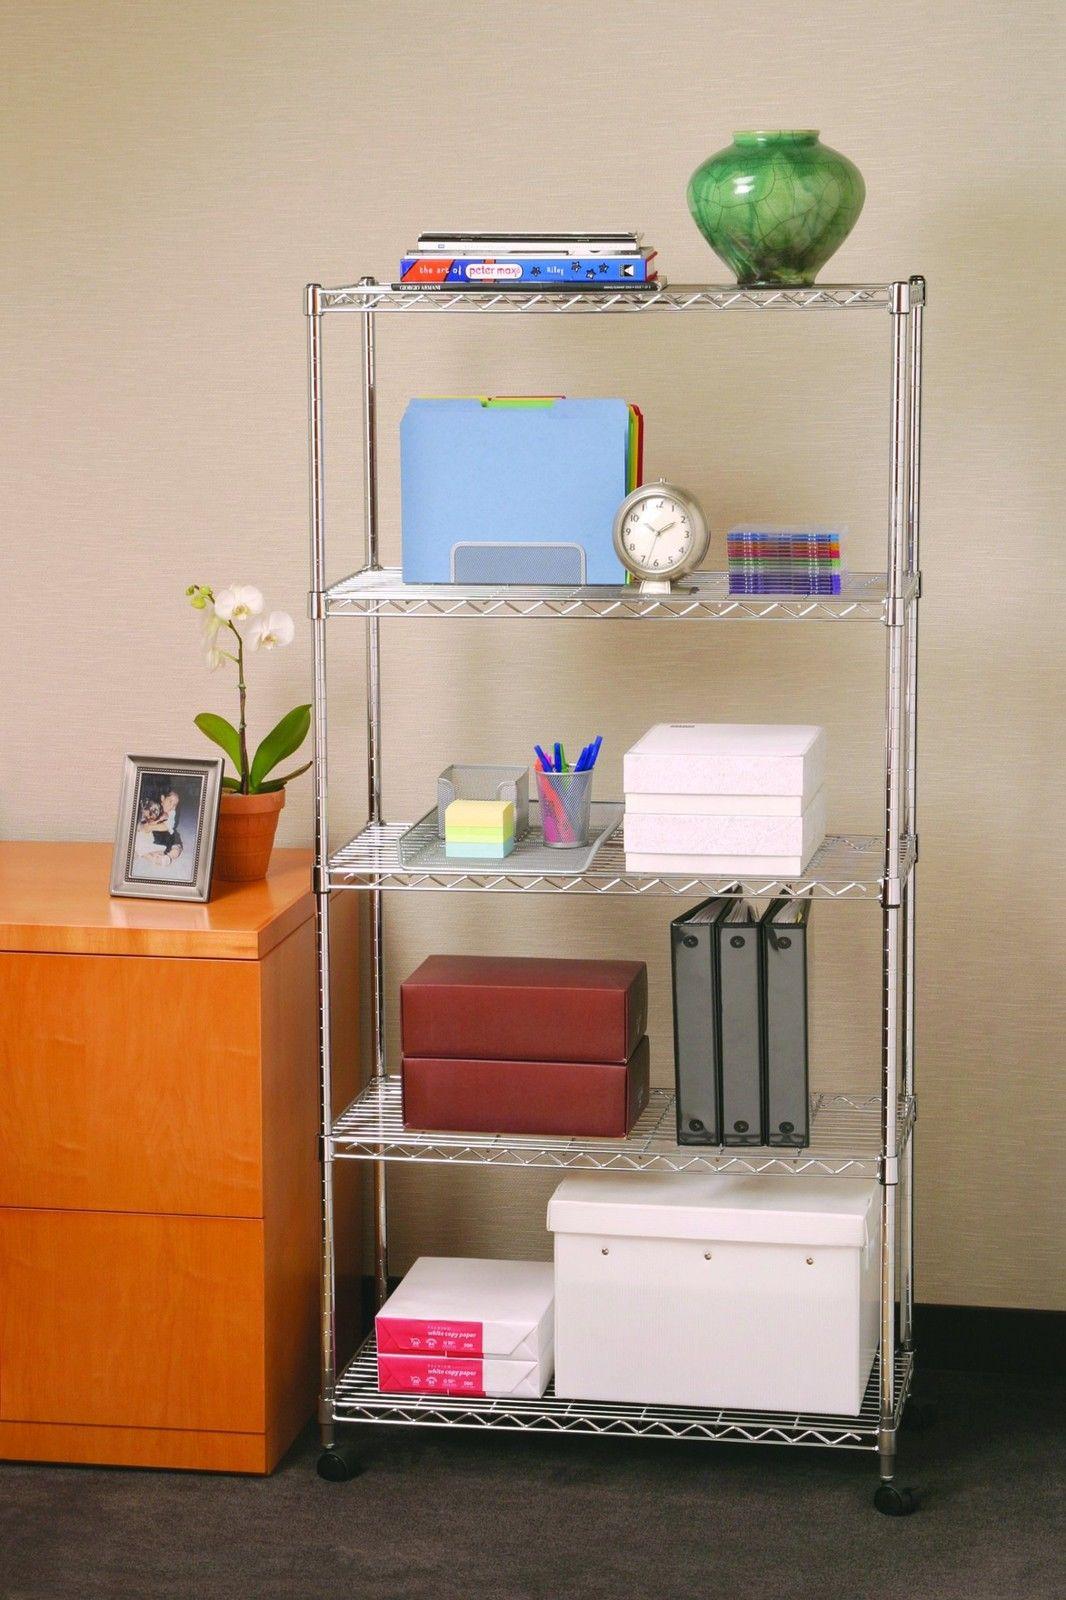 5 Tier Shelving Wheels Rack Adjustable Shelf Wire Metal Storage Pantry Food New 1